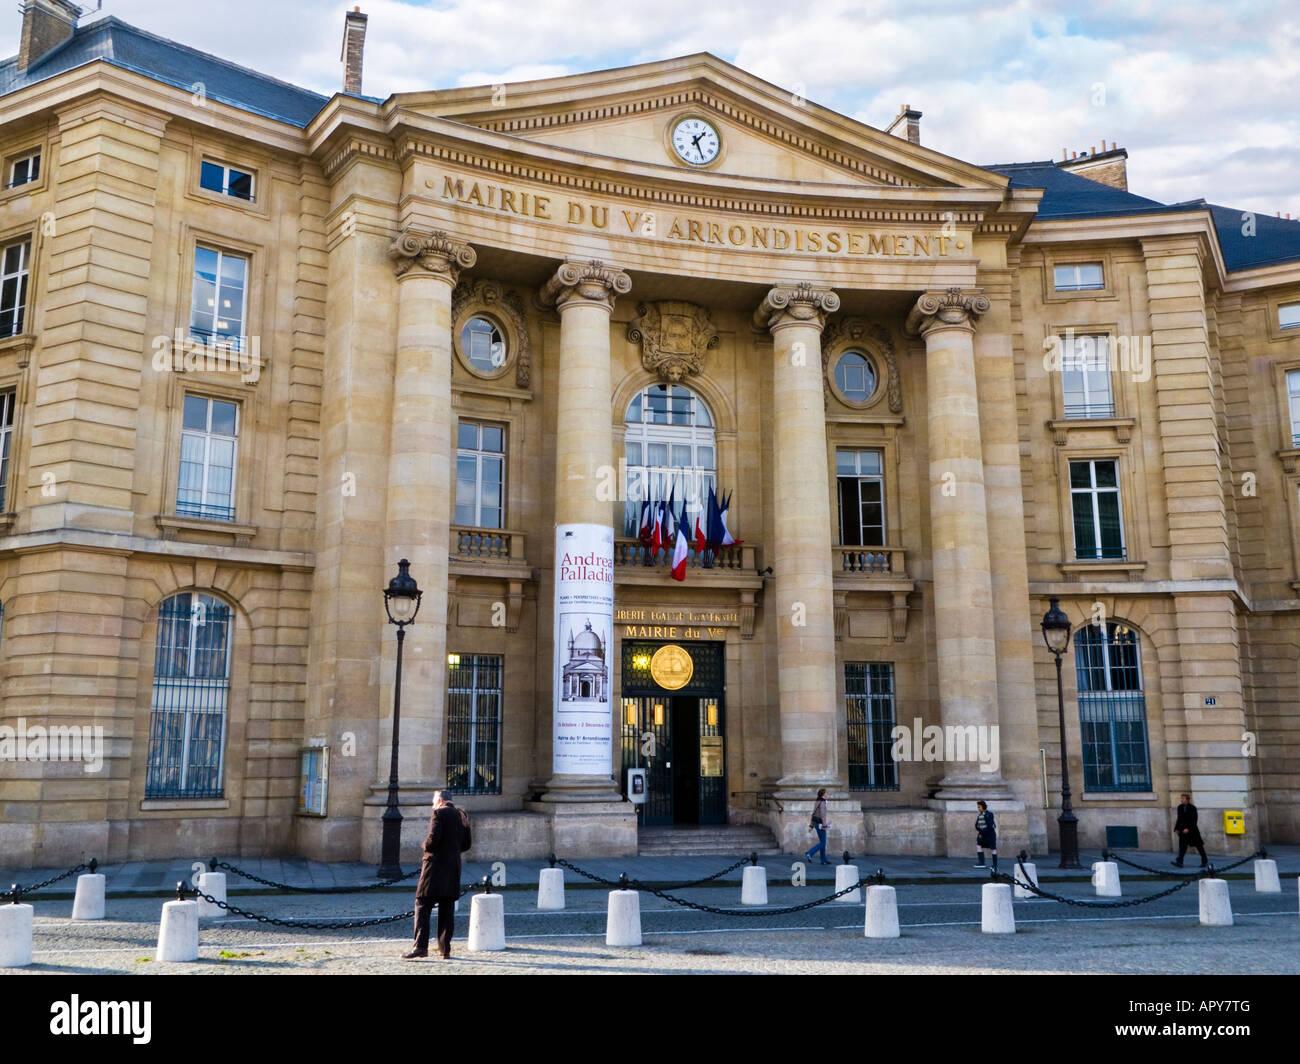 Mairie du 5th Arrondissement building Paris France Europe - Stock Image